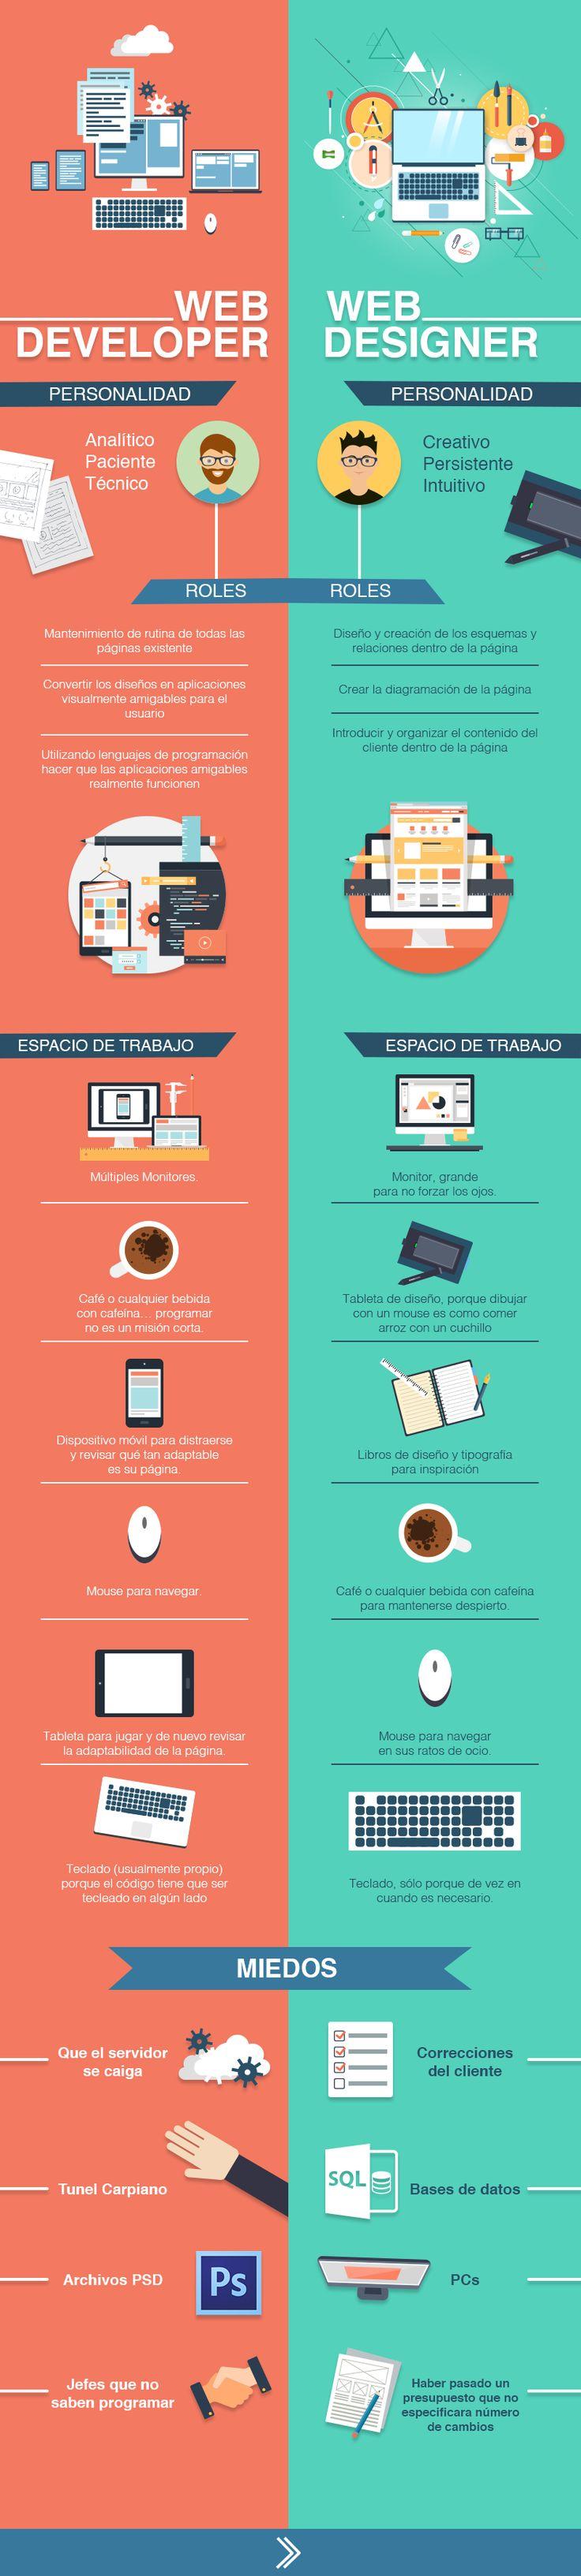 Diferencias entre un desarrollador y un diseñador web #infografia #infographic…